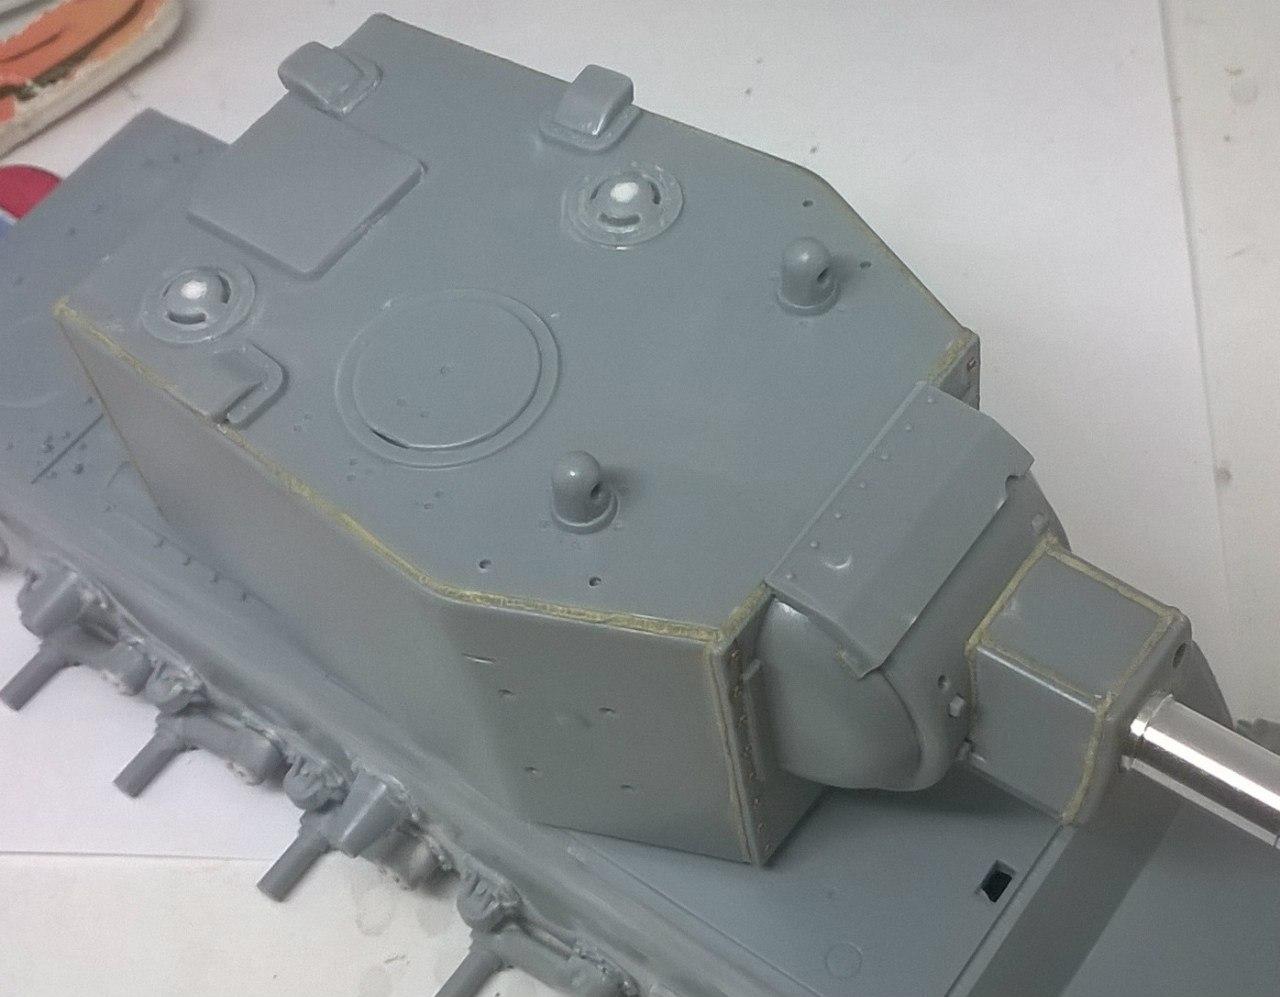 КВ-2 (Восточный Экспресс) 1/35 D3v0vKyBllM